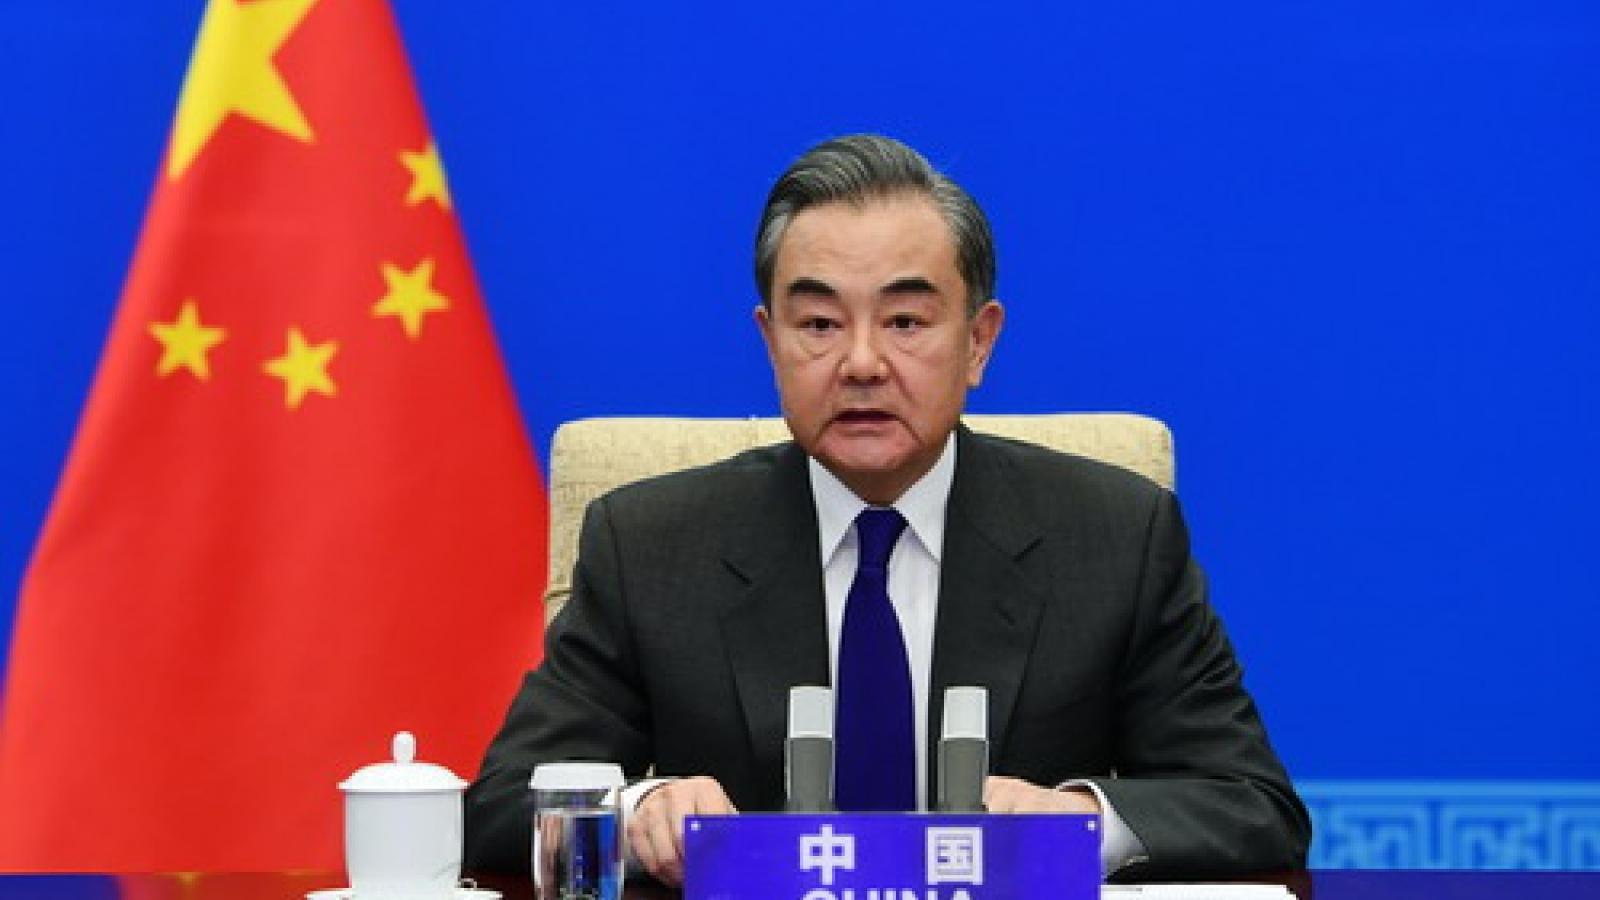 Trung Quốc tuyên bố không đặt điều kiện chính trị khi cung cấp vaccine Covid-19